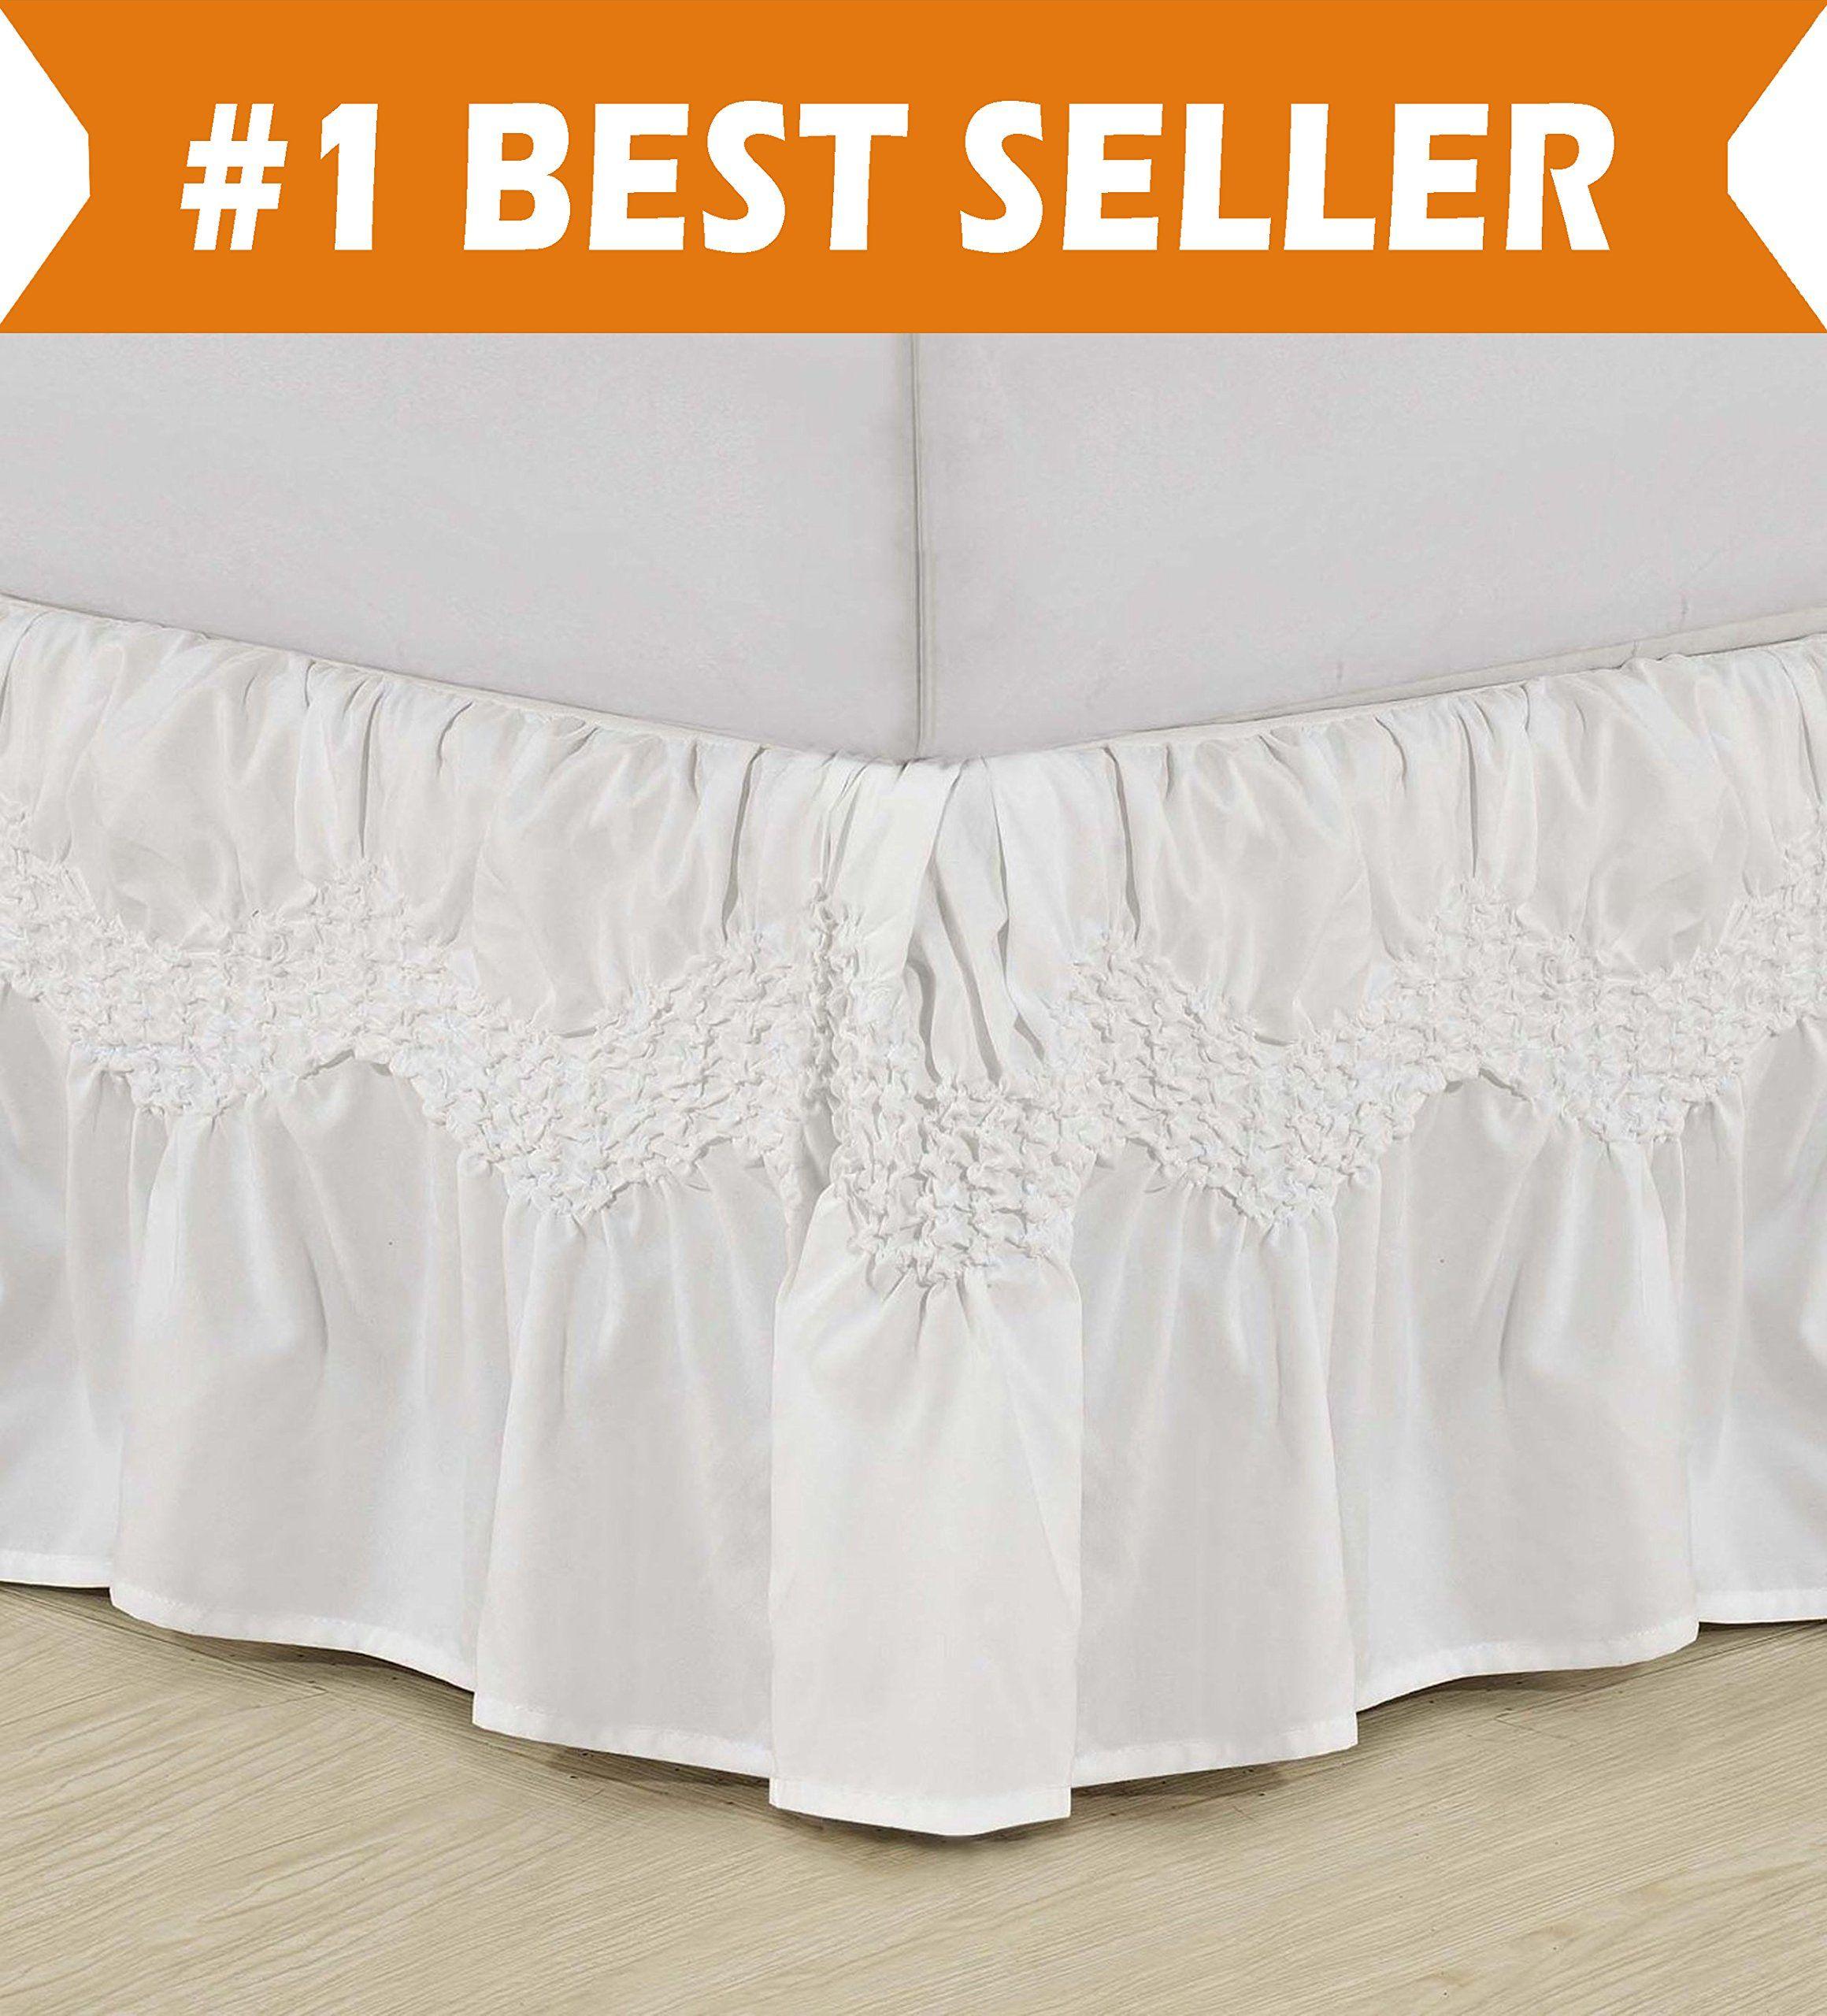 Elegant Comfort bed skirt Full